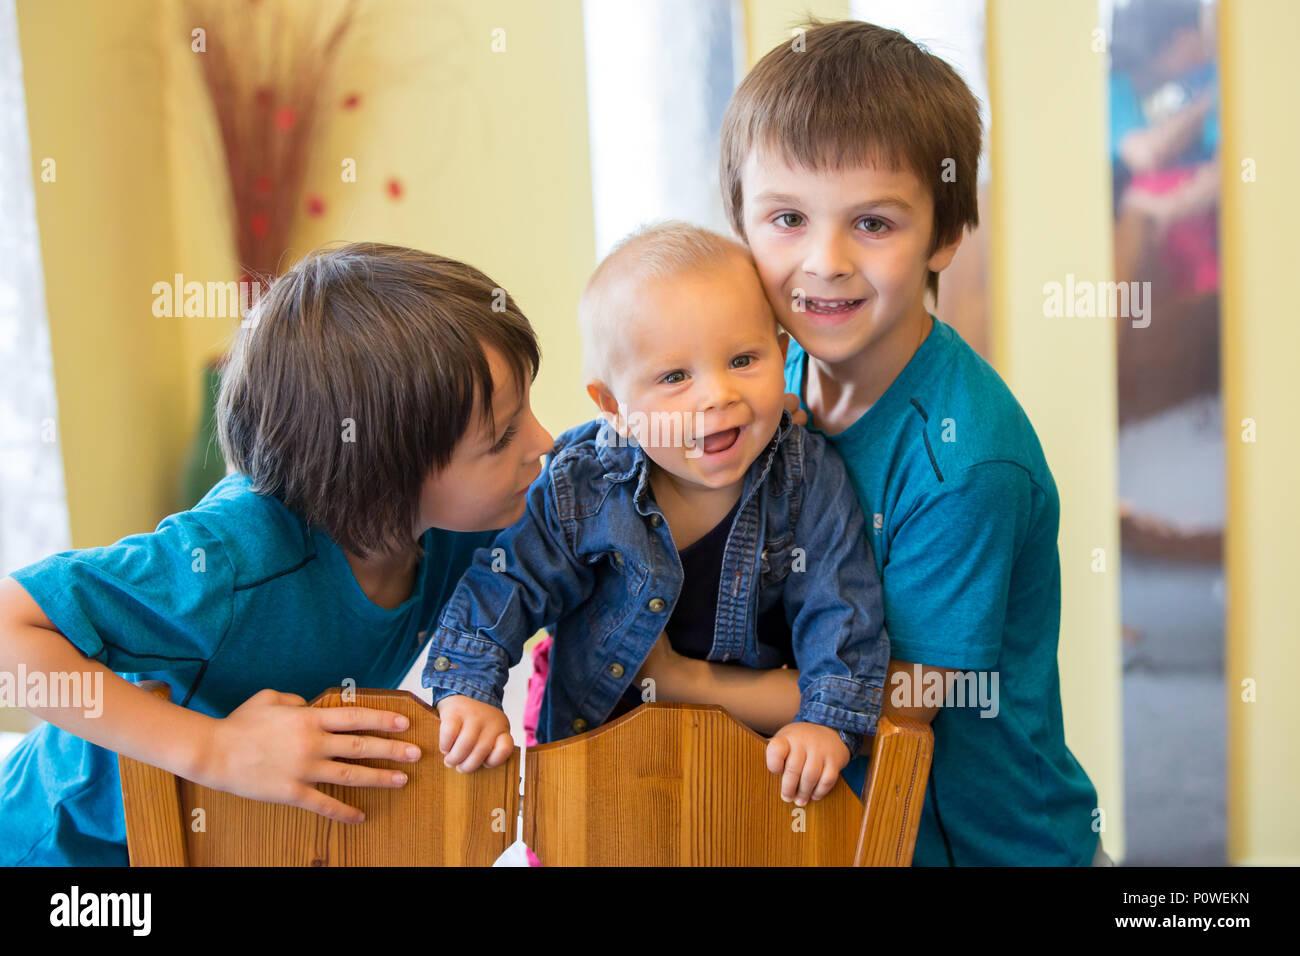 two happy little preschool